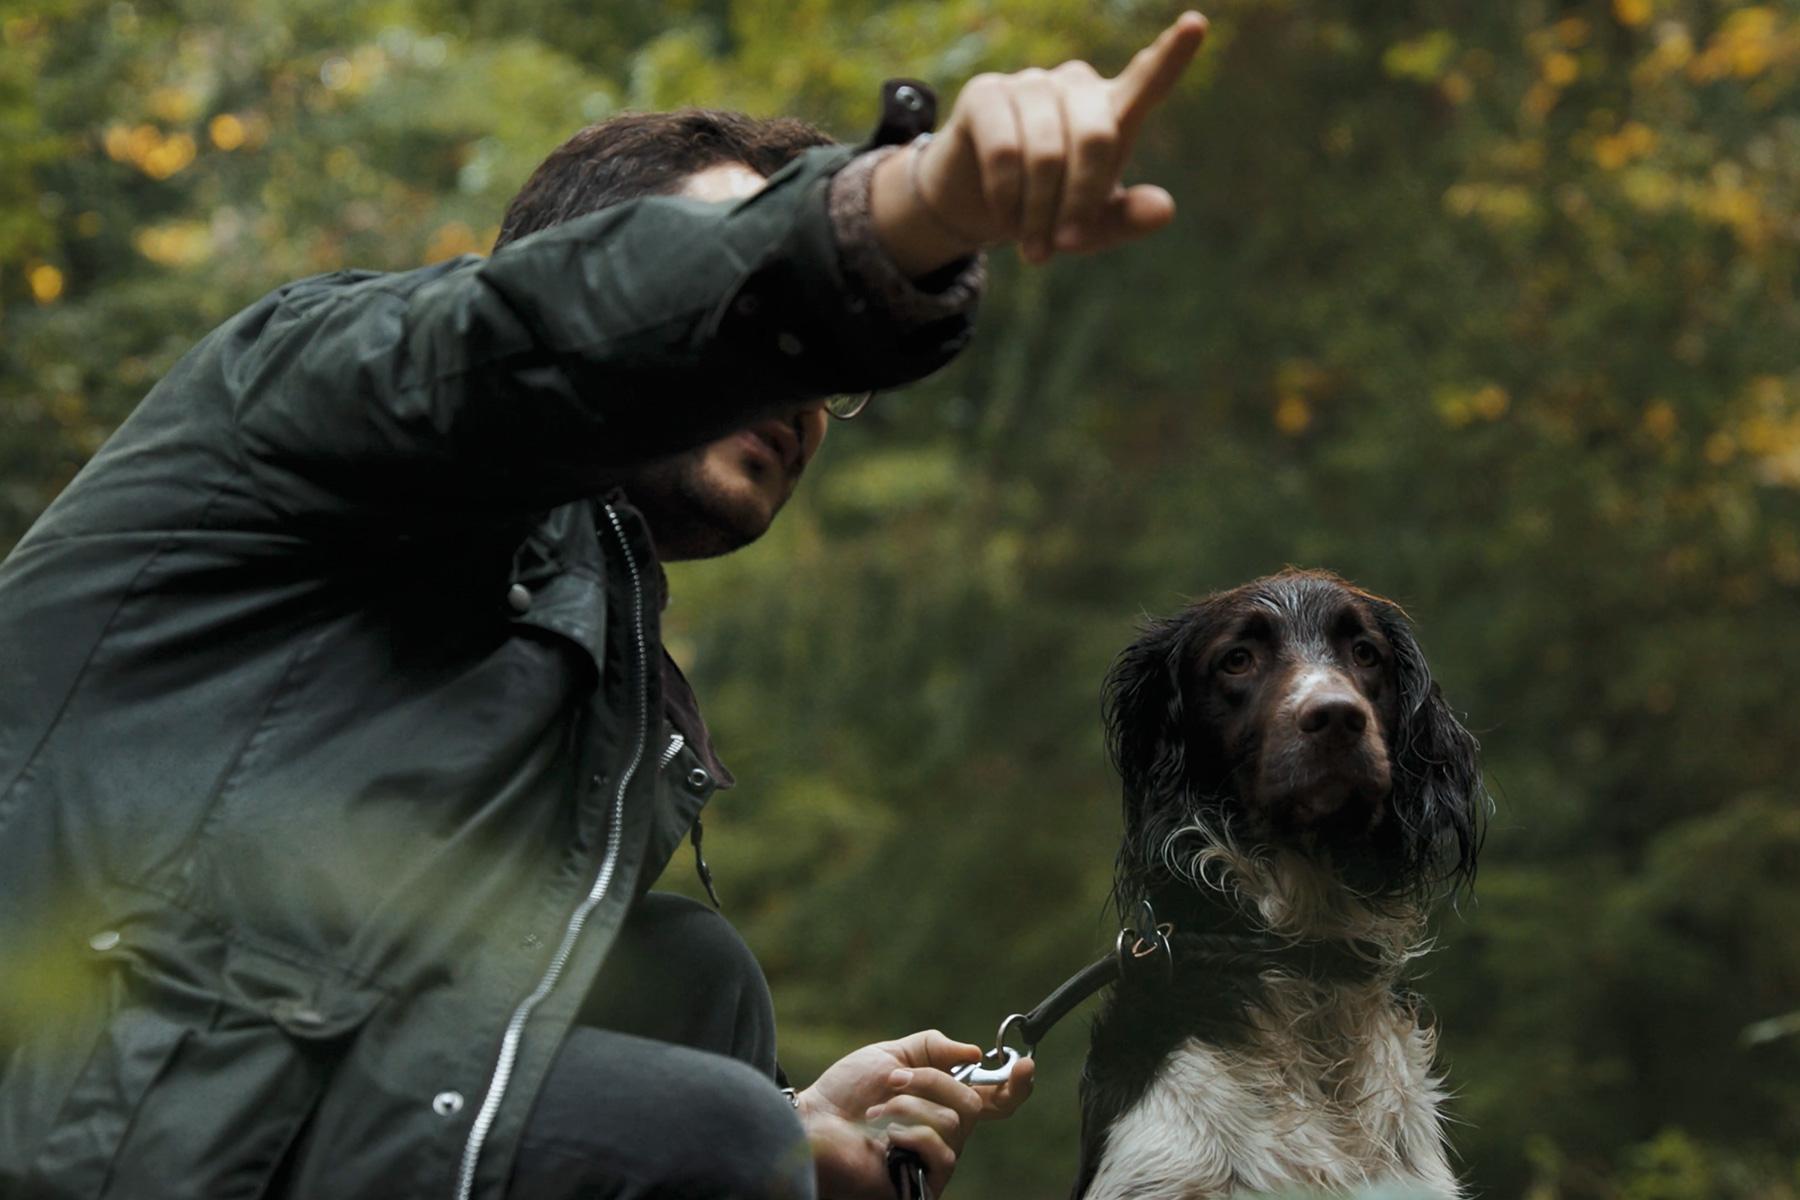 kleiner-muensterlaender-hund-tierfilm-doku-outdoorfilm-stuttgart-babour